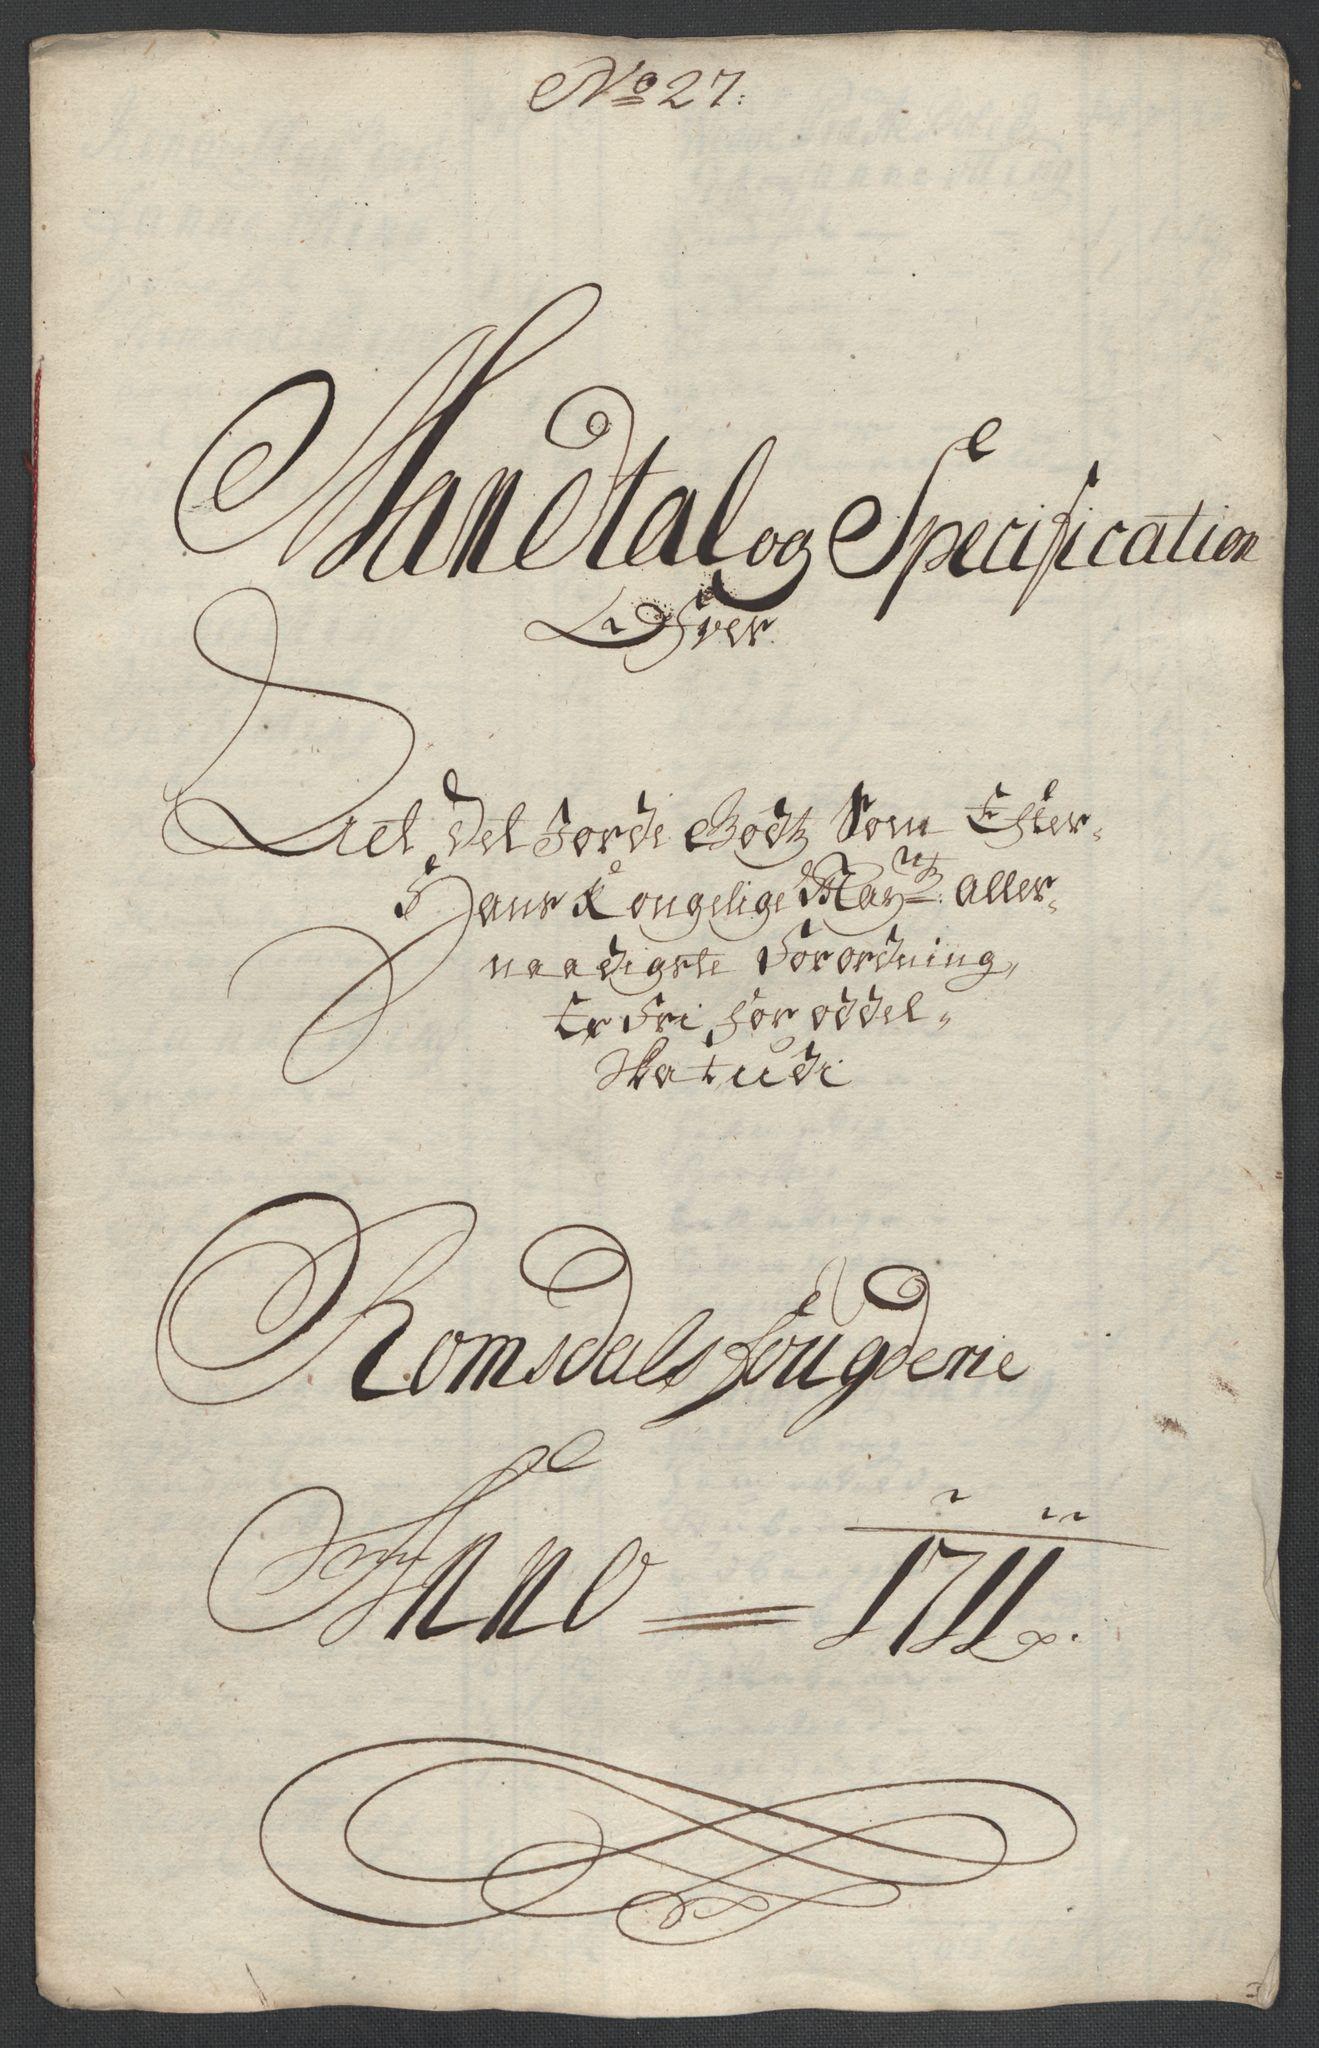 RA, Rentekammeret inntil 1814, Reviderte regnskaper, Fogderegnskap, R55/L3660: Fogderegnskap Romsdal, 1711, p. 414